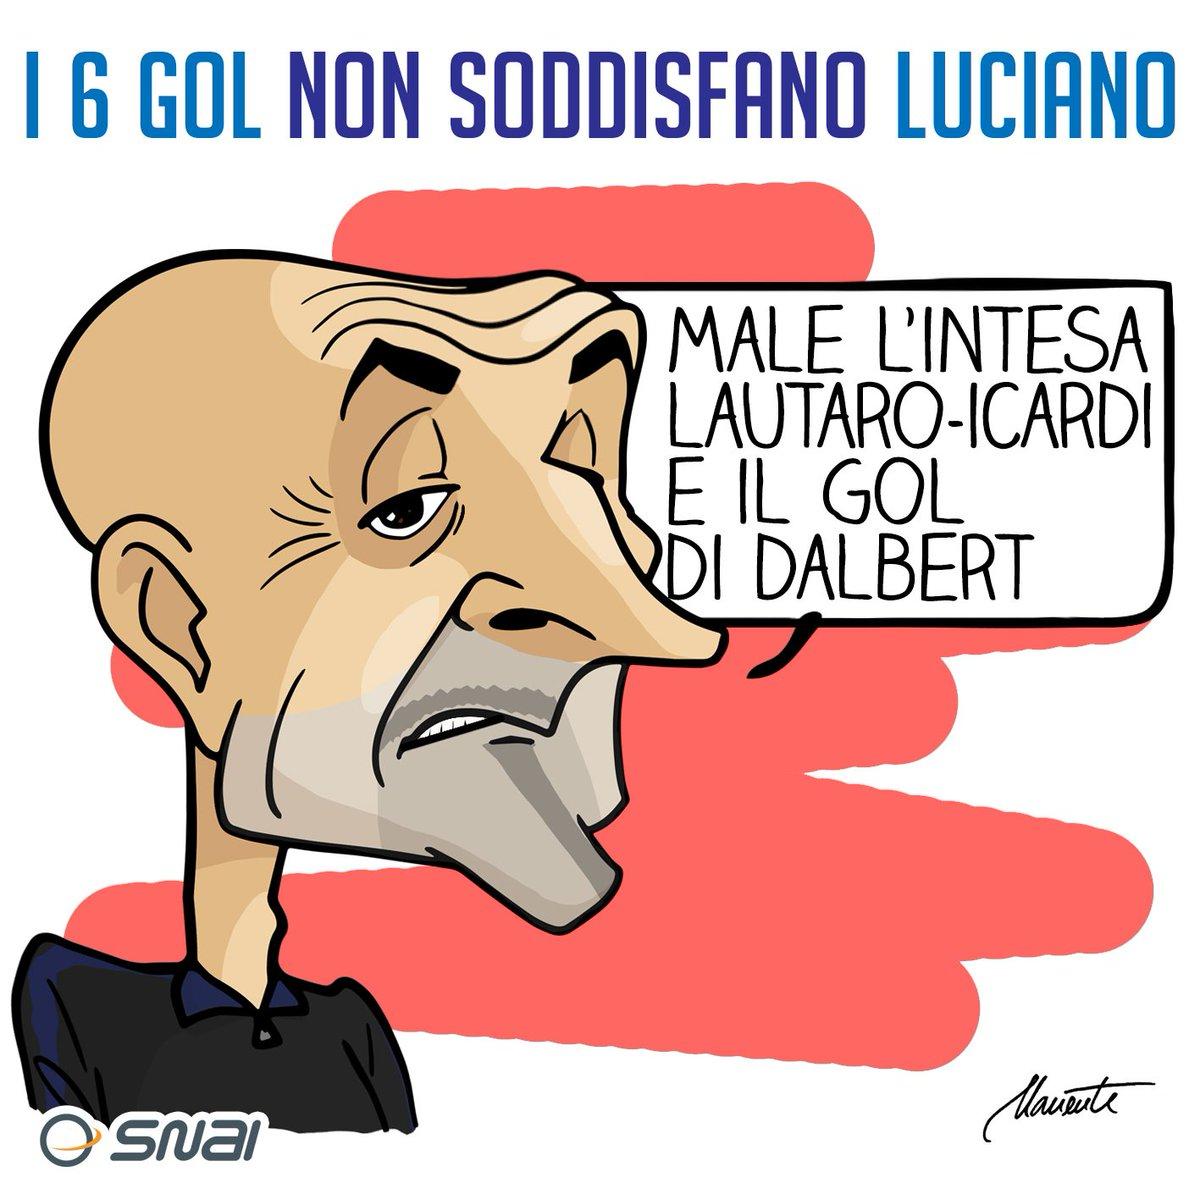 Inter, Spalletti forse si aspettava di più.  @mic_manente   #Spalletti #Inter #InterBenevento #CoppaItalia